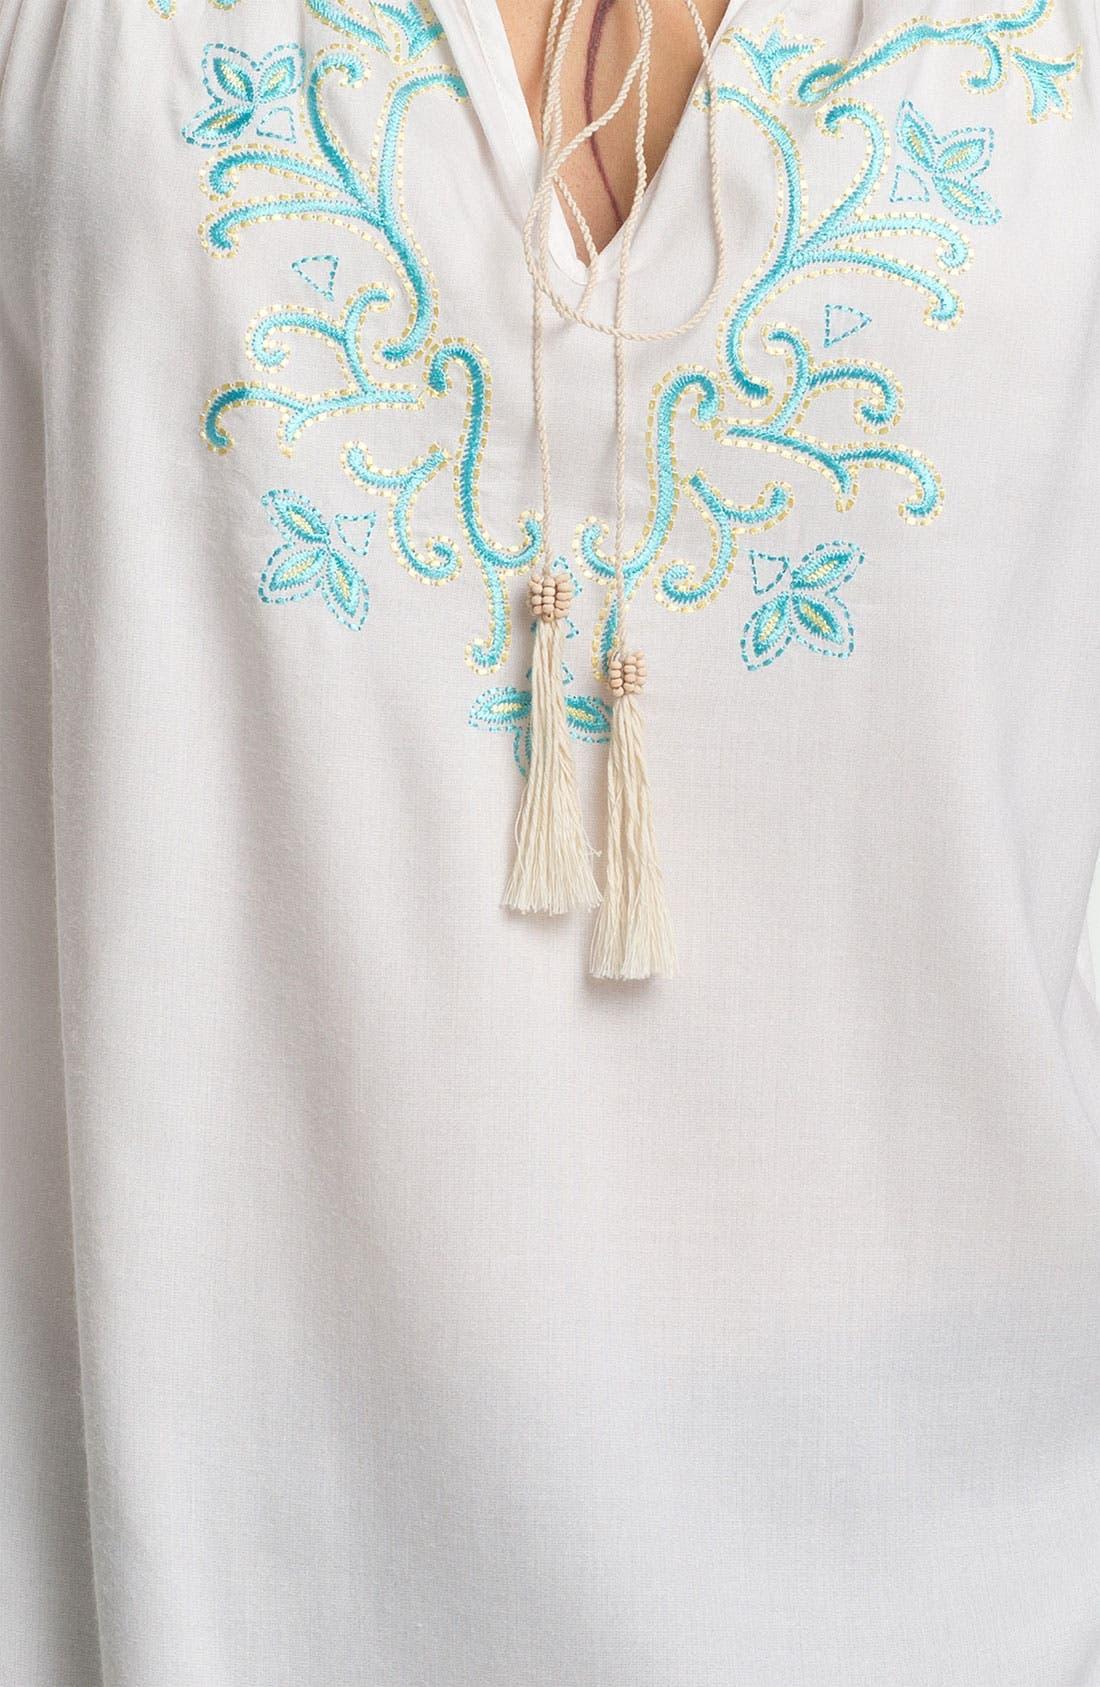 Alternate Image 3  - Karen Kane Tassel Tie Embroidered Blouse